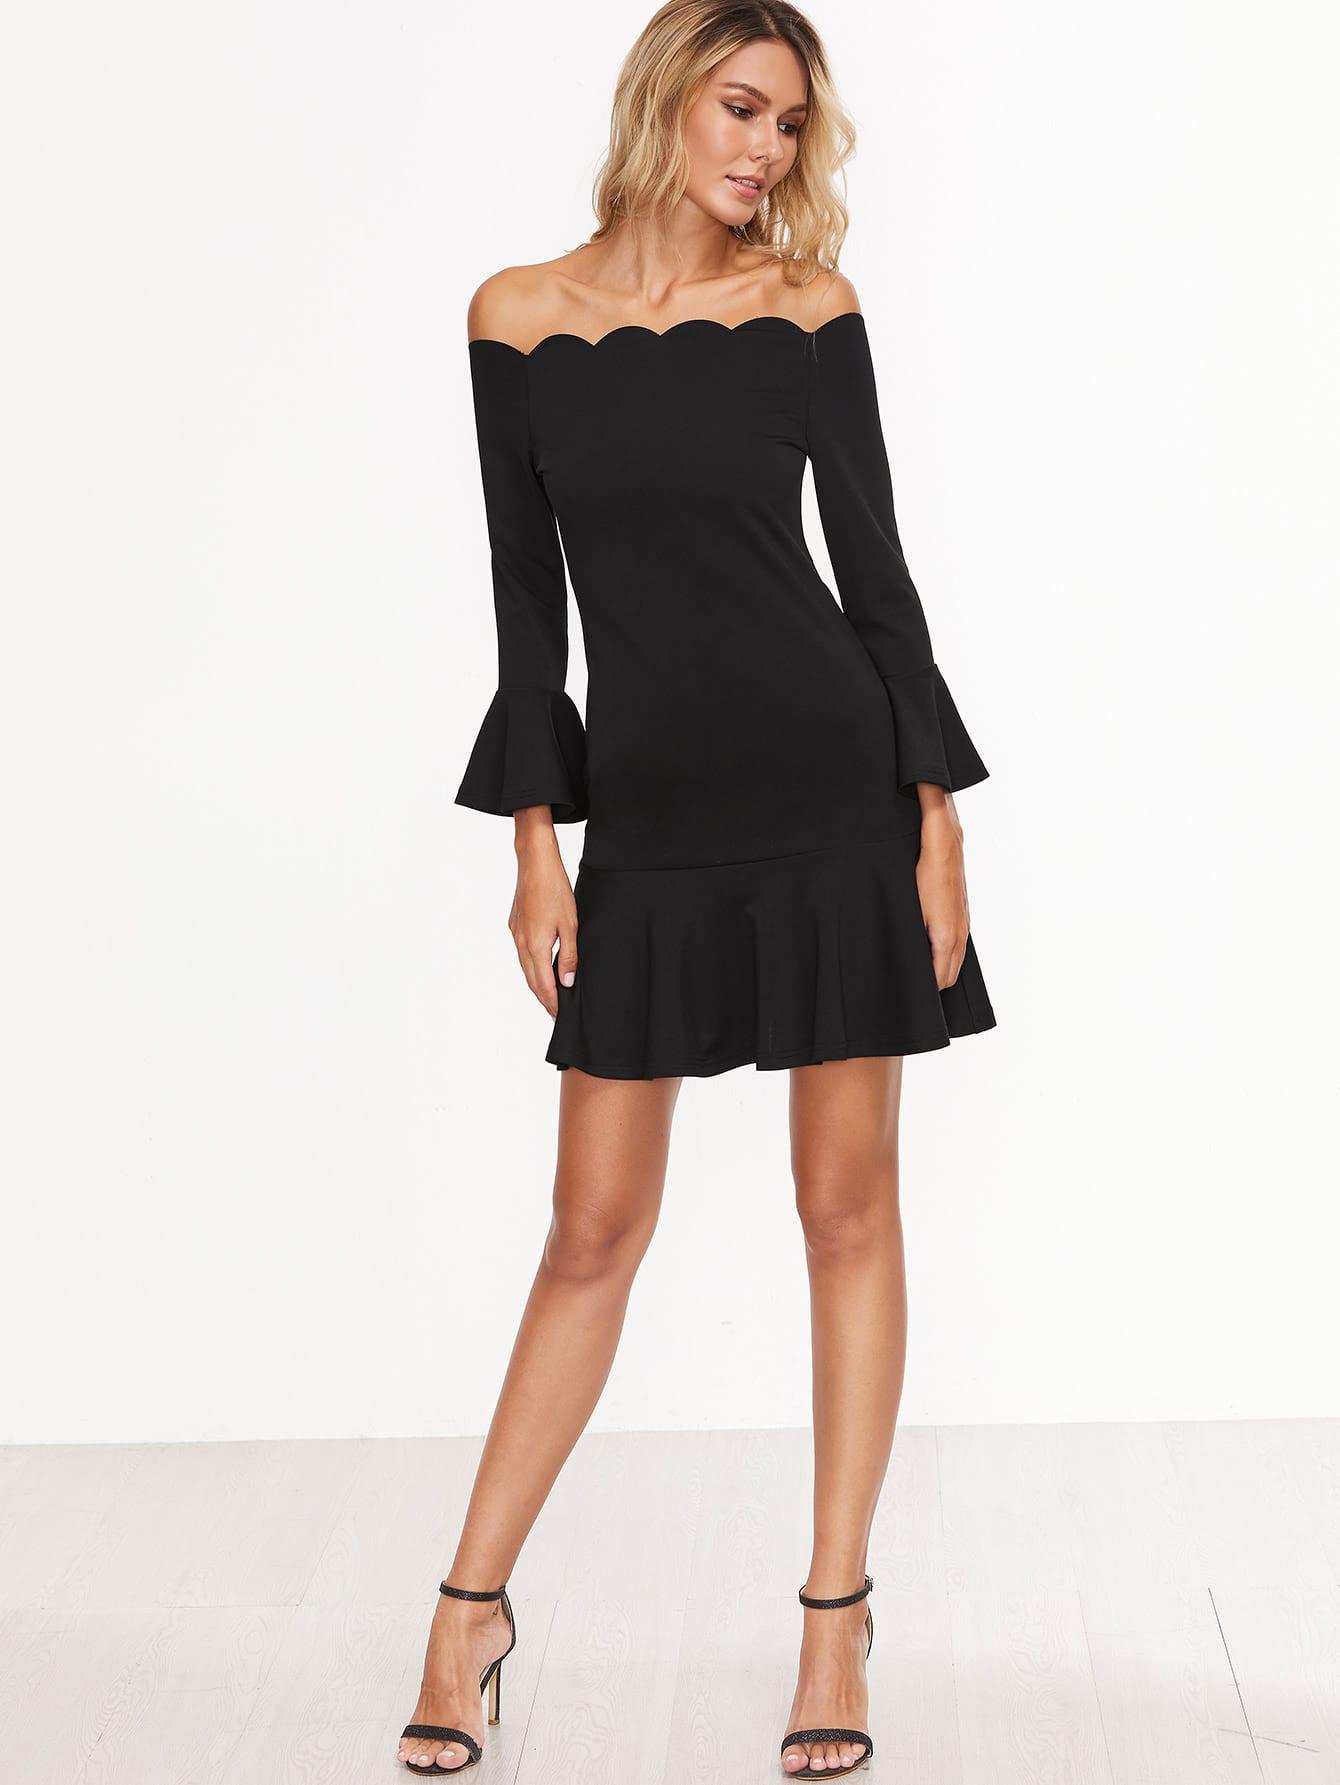 dress161019708_2